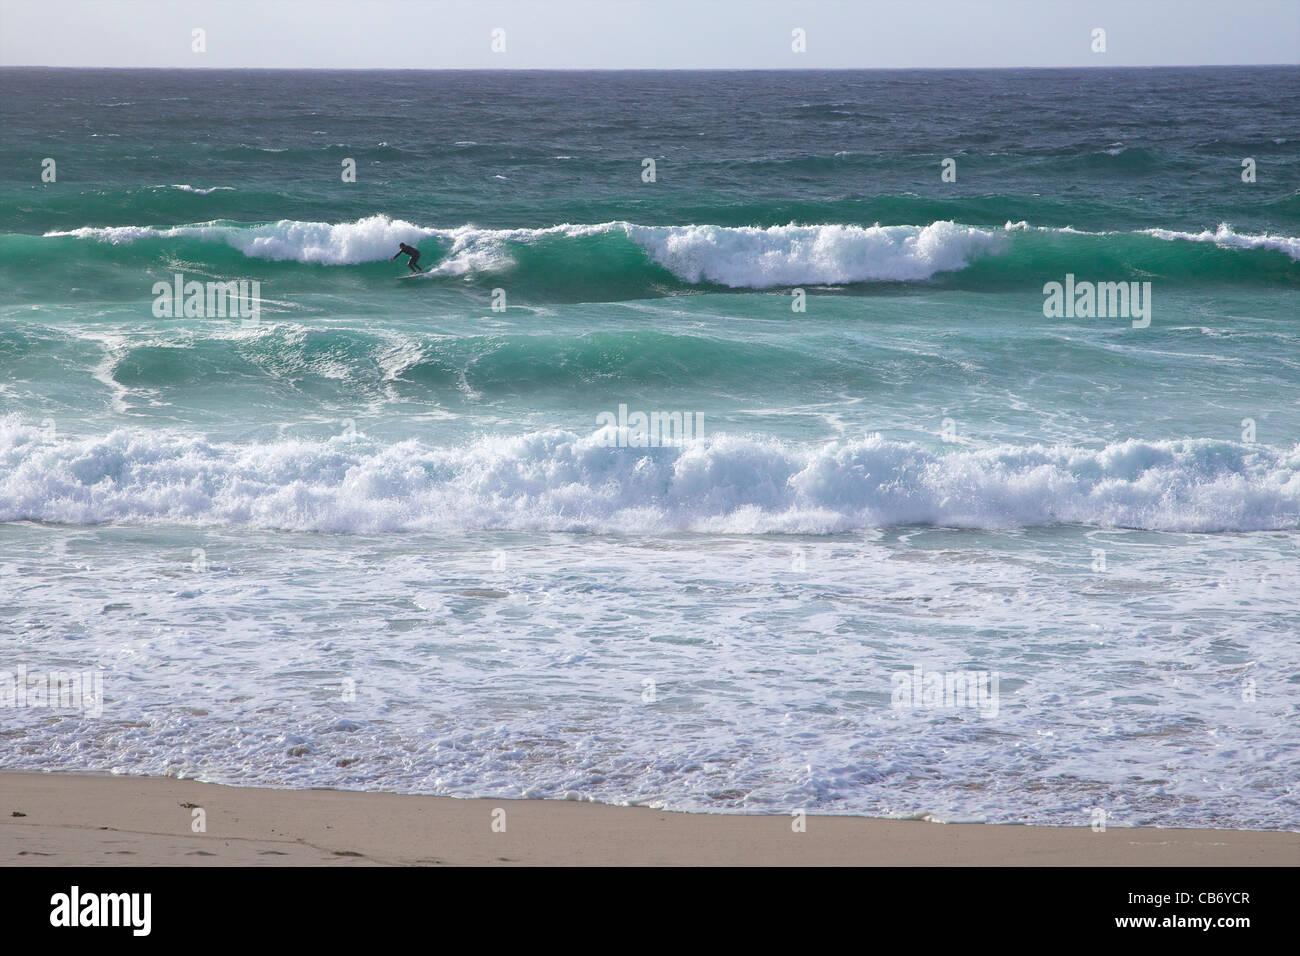 Surfer dans une mer de Porthmeor beach, St Ives, Cornwall, Angleterre du Sud-Ouest, Royaume-Uni, Royaume-Uni, GO, Banque D'Images